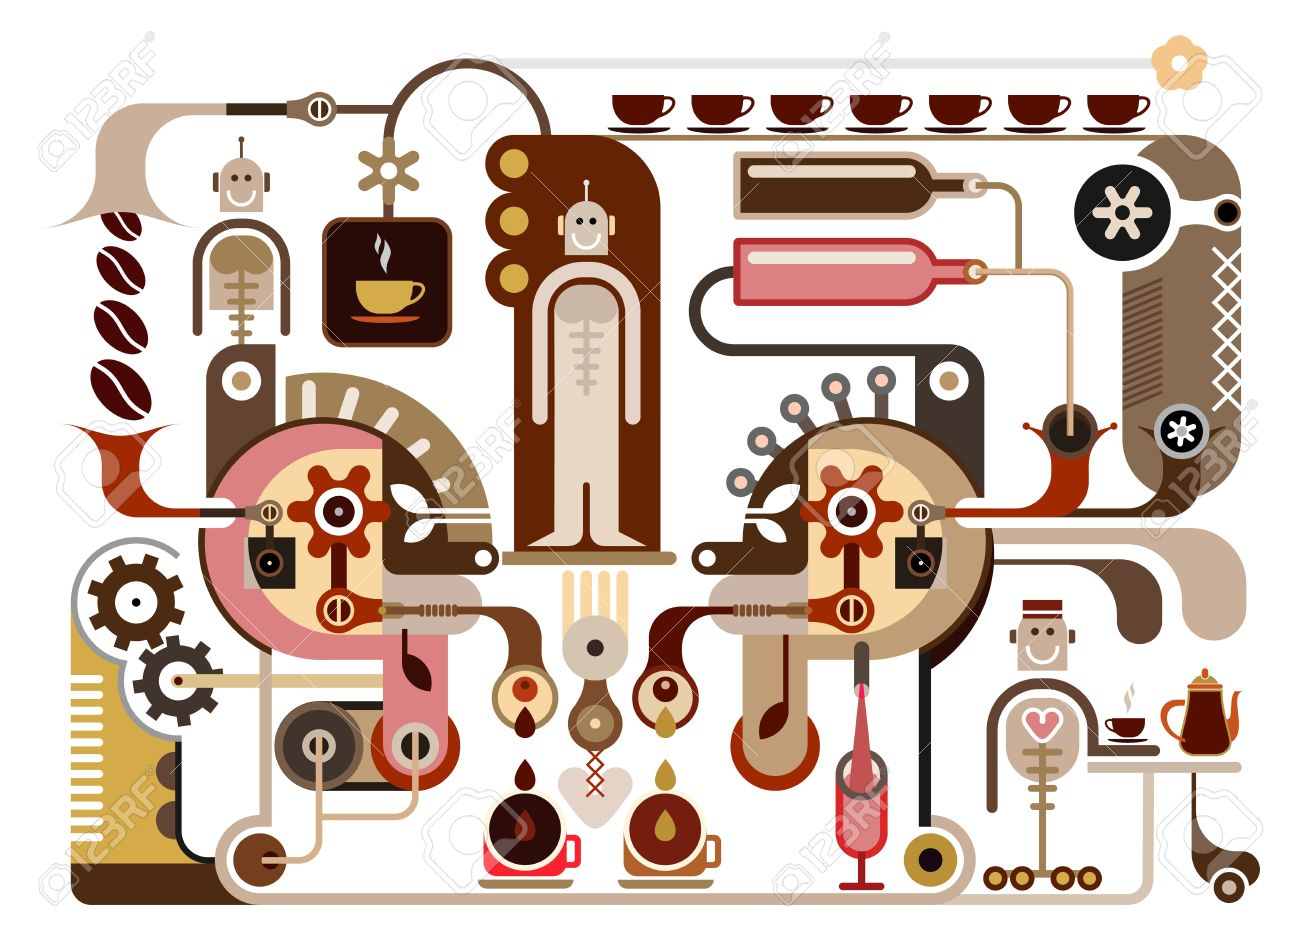 コーヒーの工場 ベクトル イラスト レストラン カフェのイラスト素材